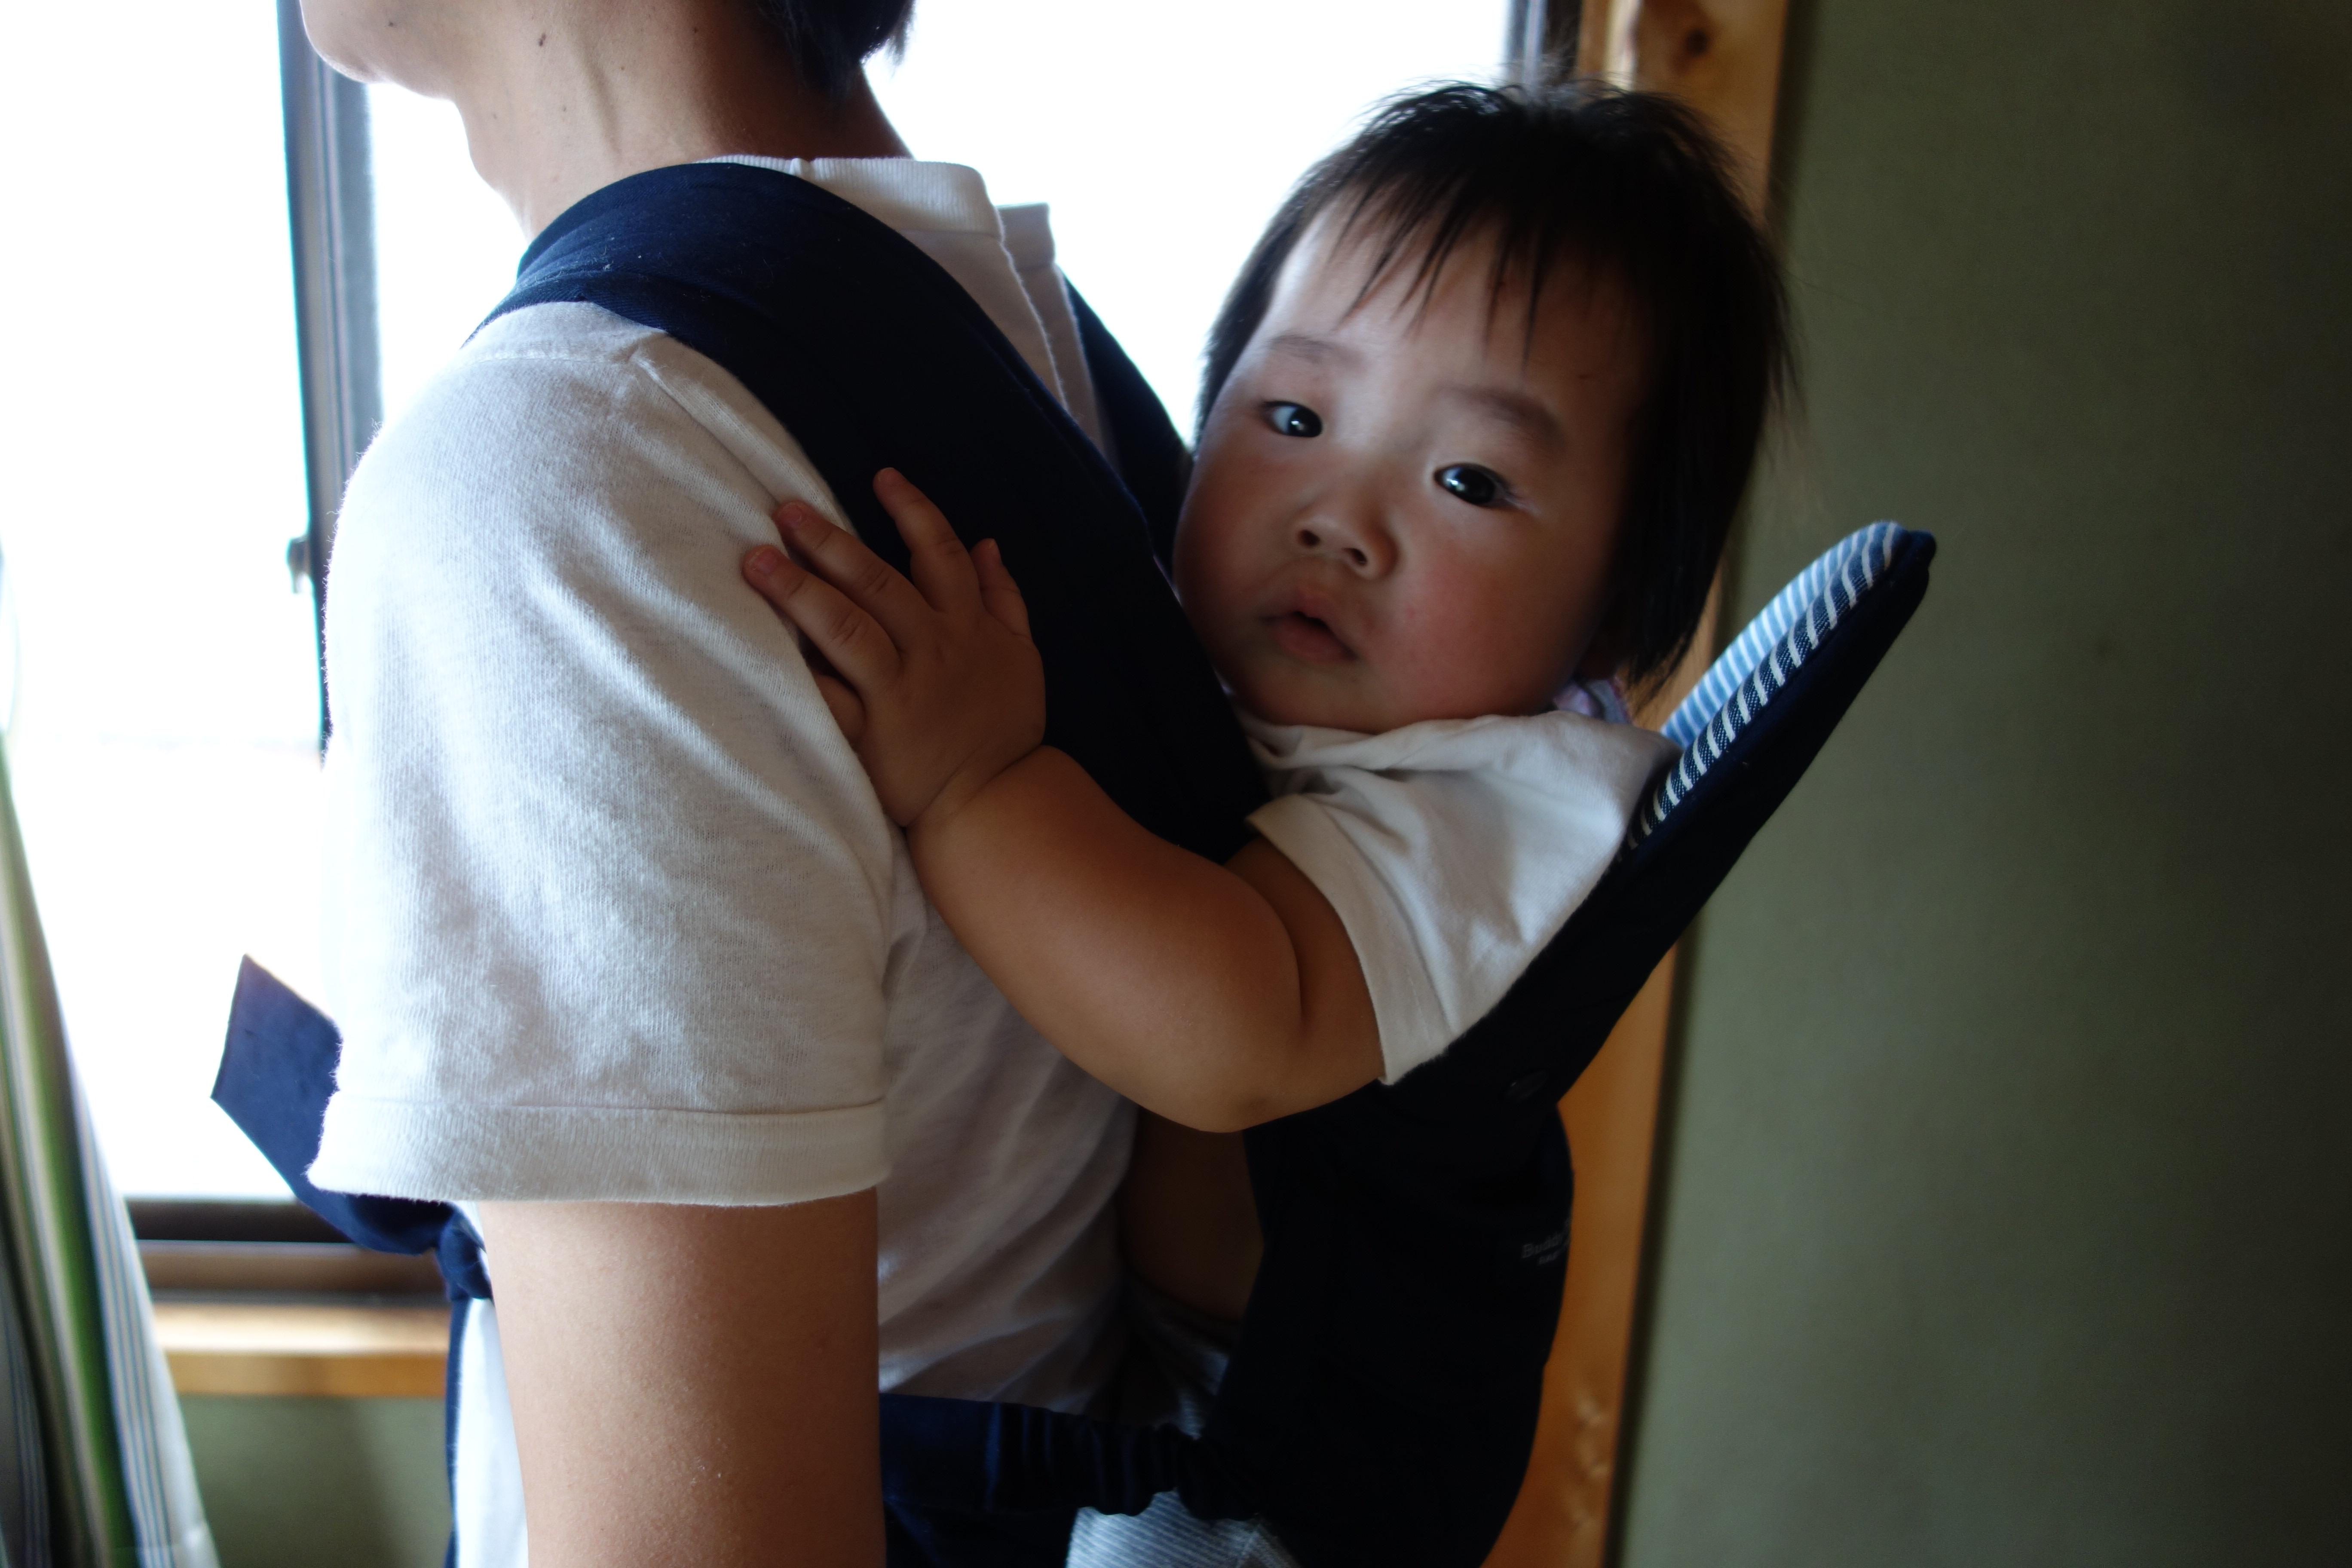 ヶ月 生後 家事 3 3ヶ月の赤ちゃんの寝かしつけ方法とは?特徴やおすすめのお昼寝スケジュールも